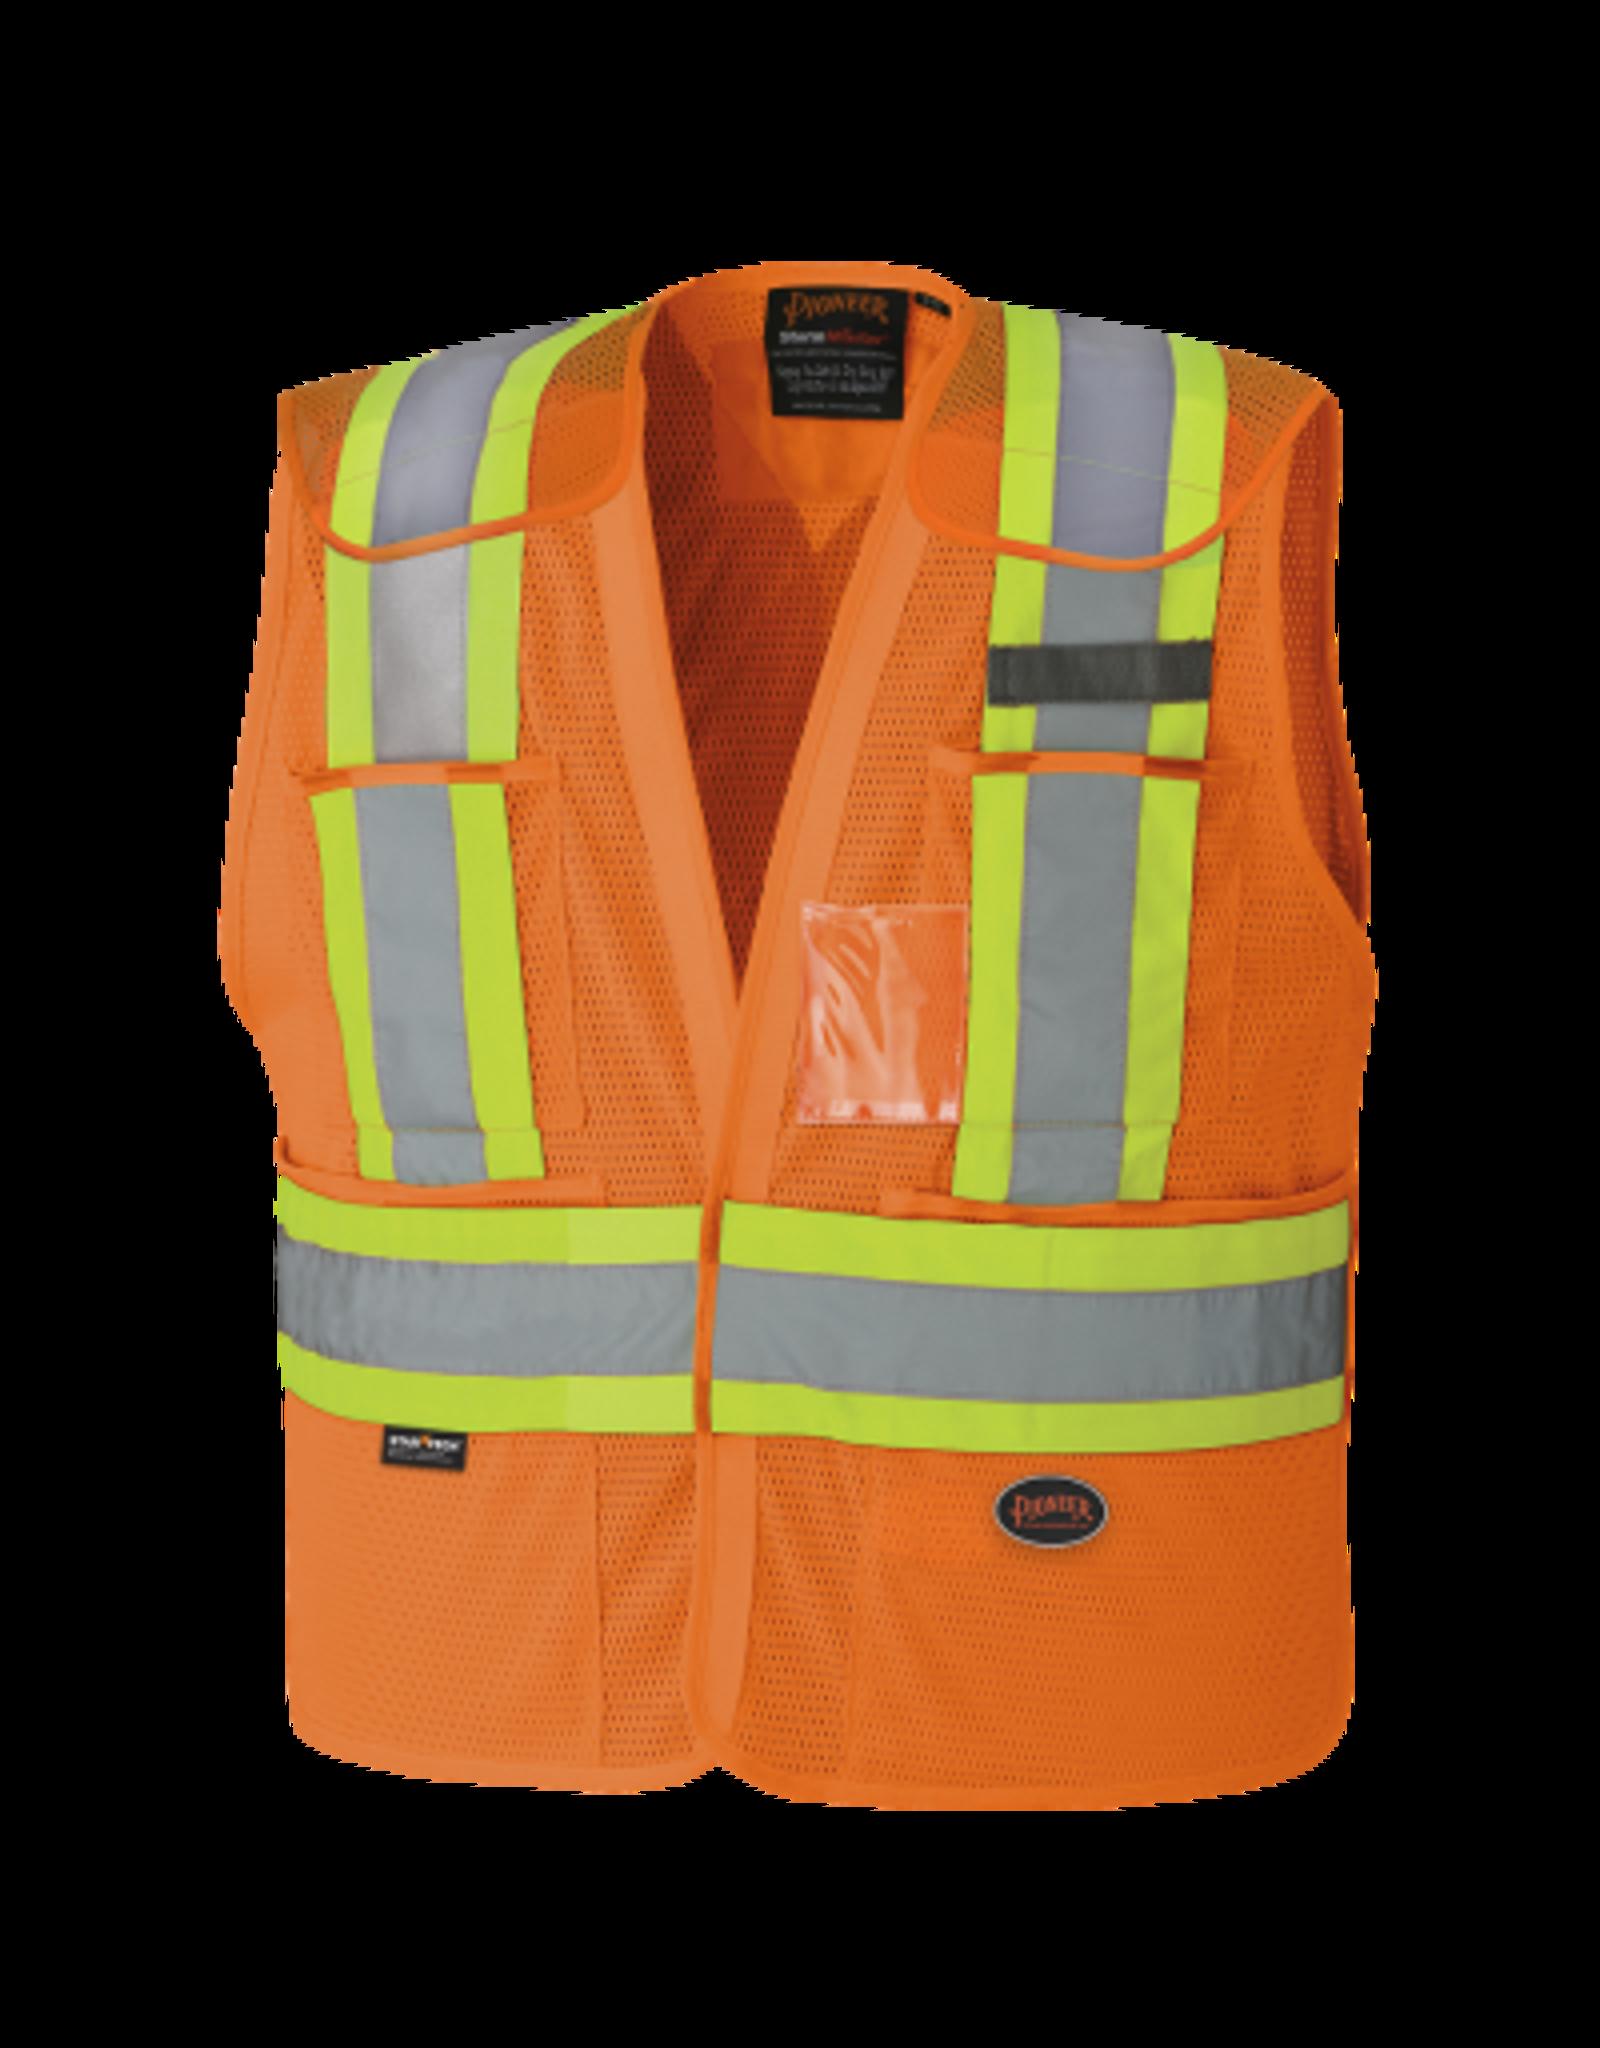 HI-VIZ Drop Shoulder Safety Tear-Away Vest -Poly Mesh